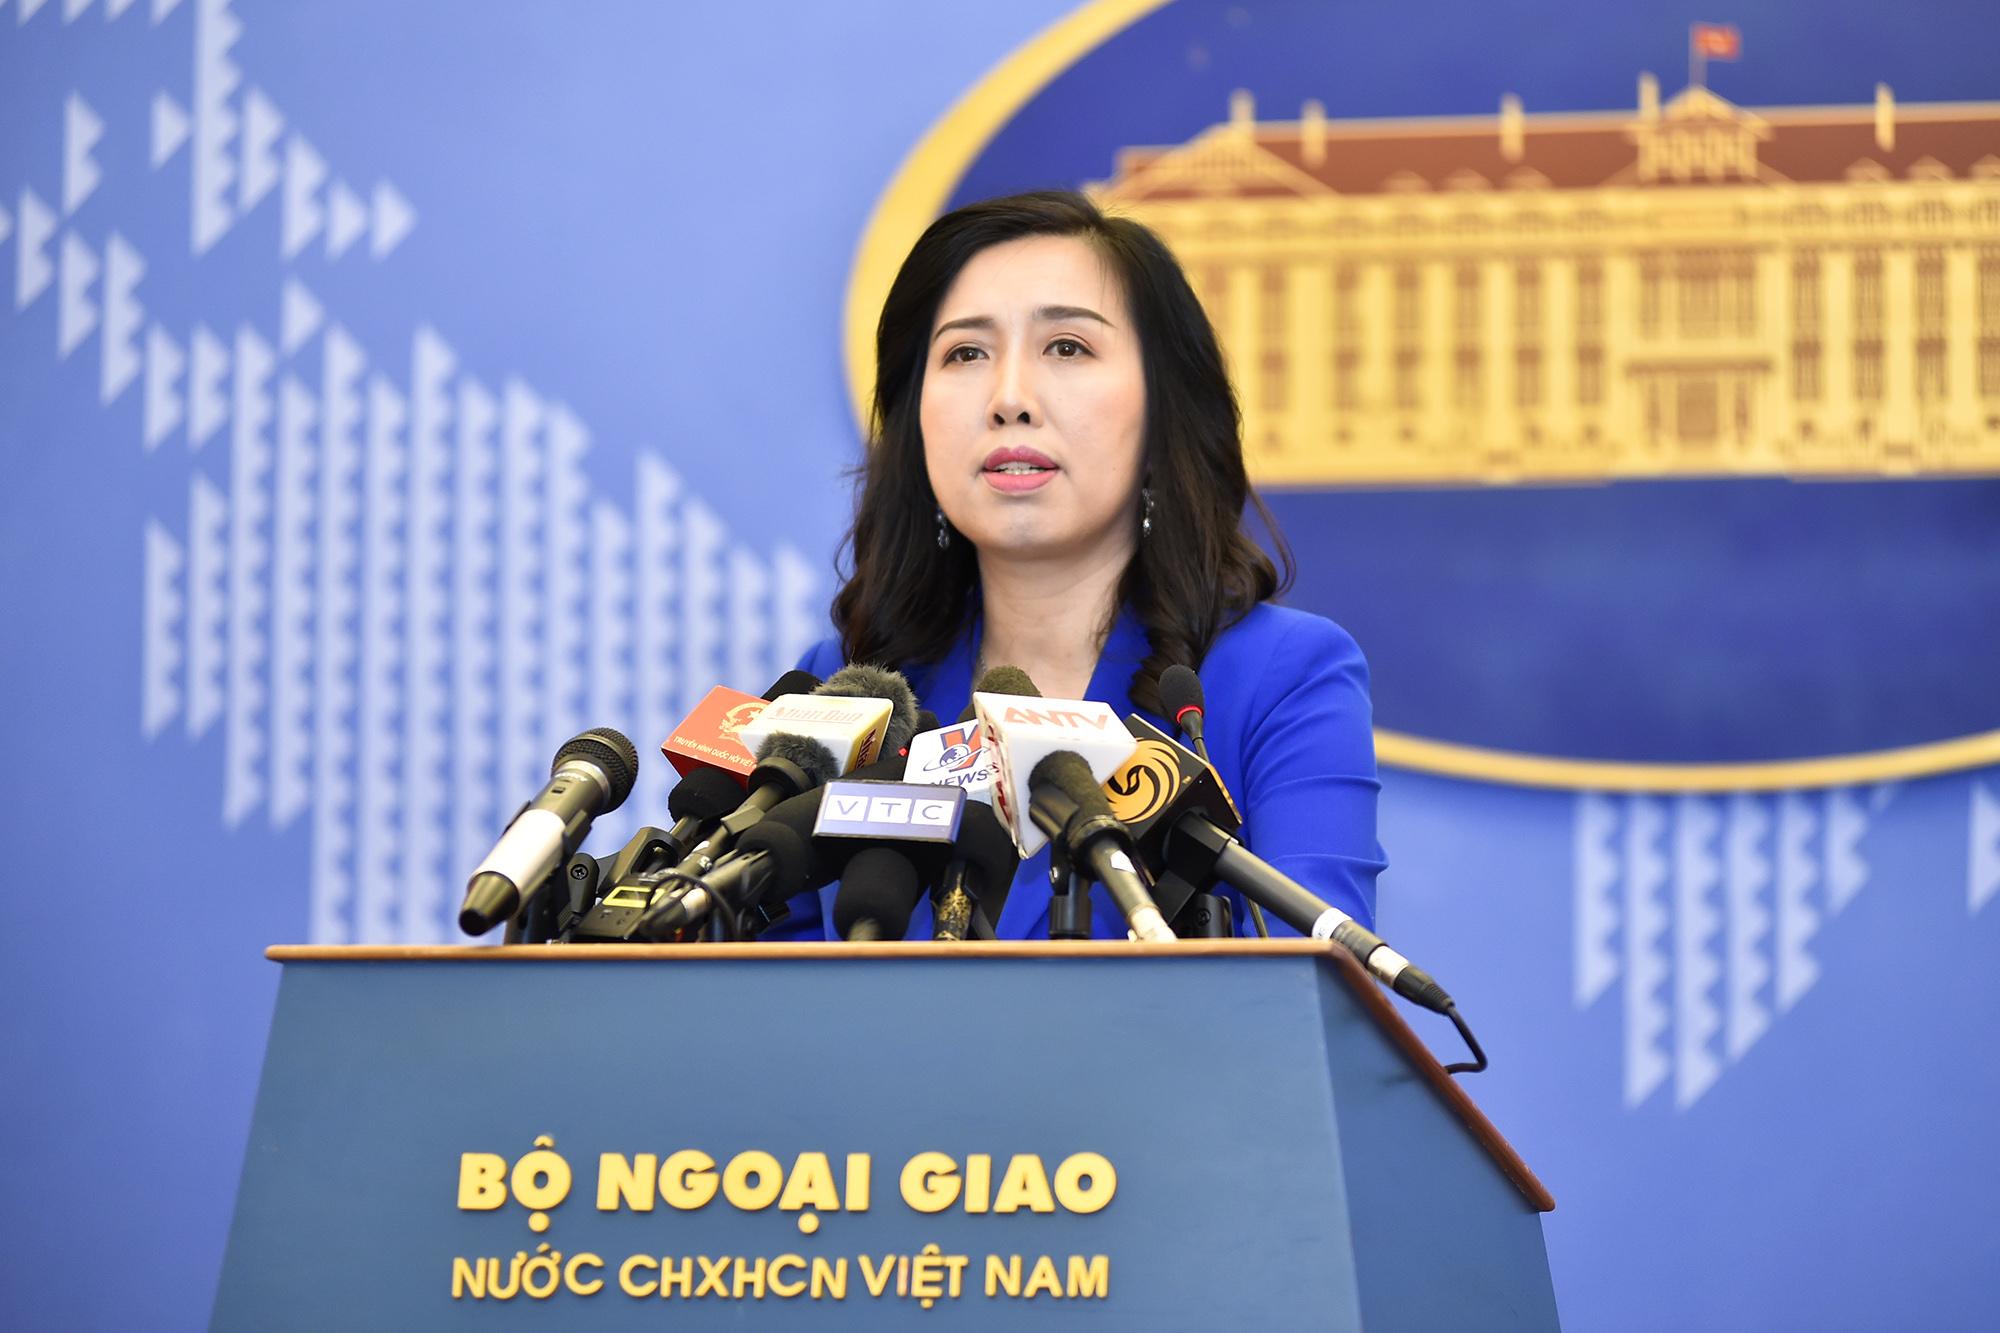 Việt Nam phối hợp với Cộng hòa Séc giải quyết vướng mắc trong cấp thị thực dài hạn